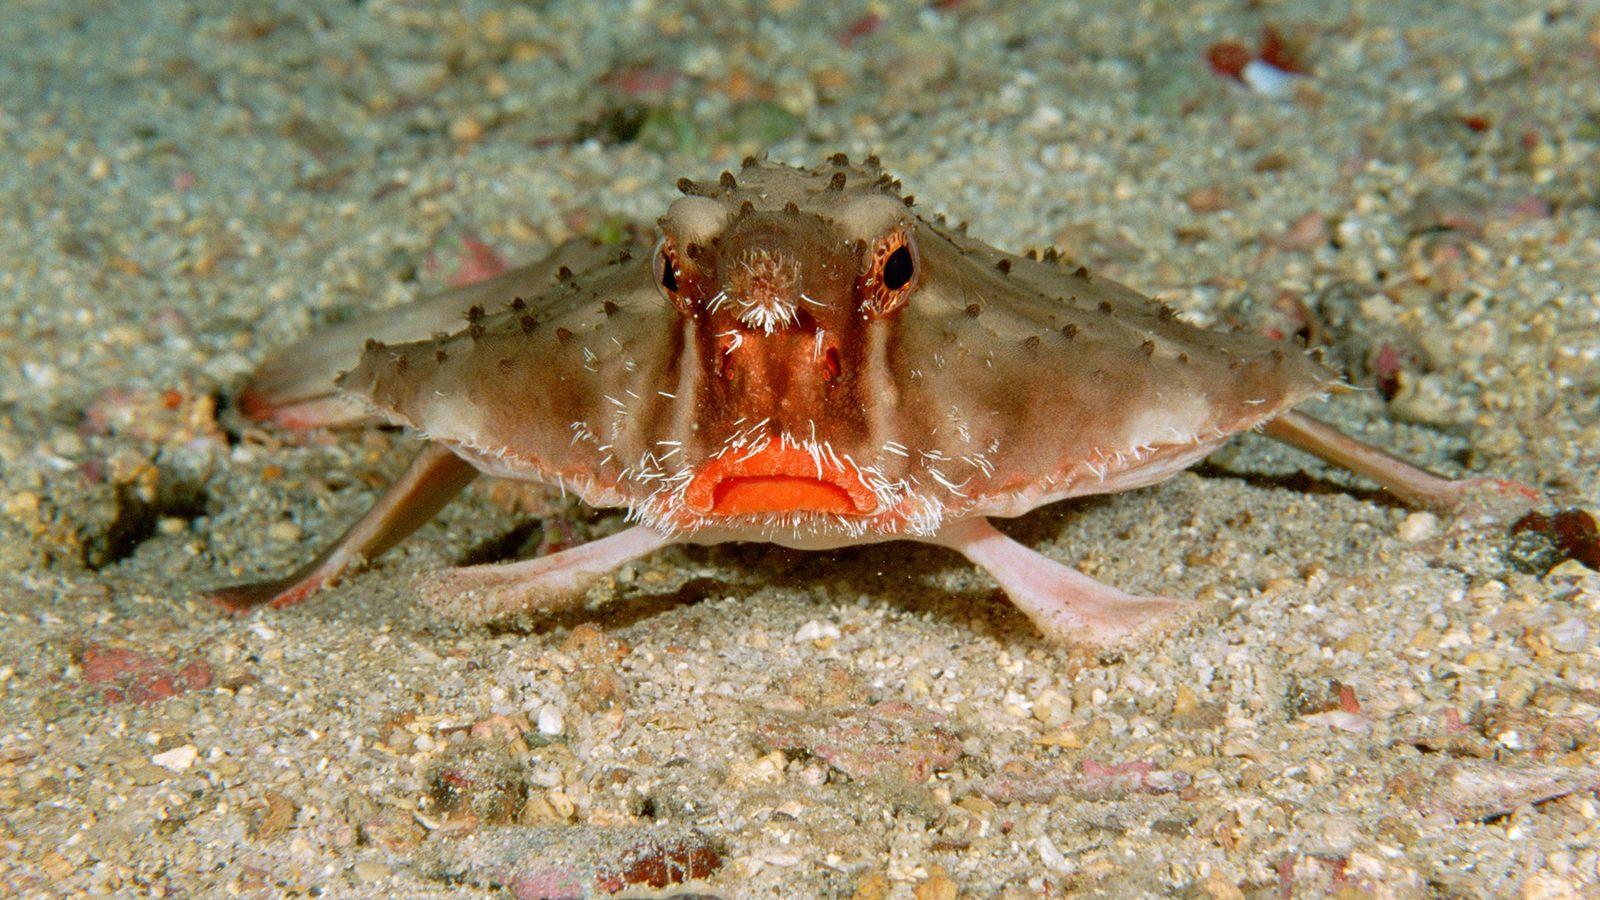 No fundo do oceano da Ilha Cocos, Costa Rica, o peixe-morcego de lábios vermelhos quase sempre ...